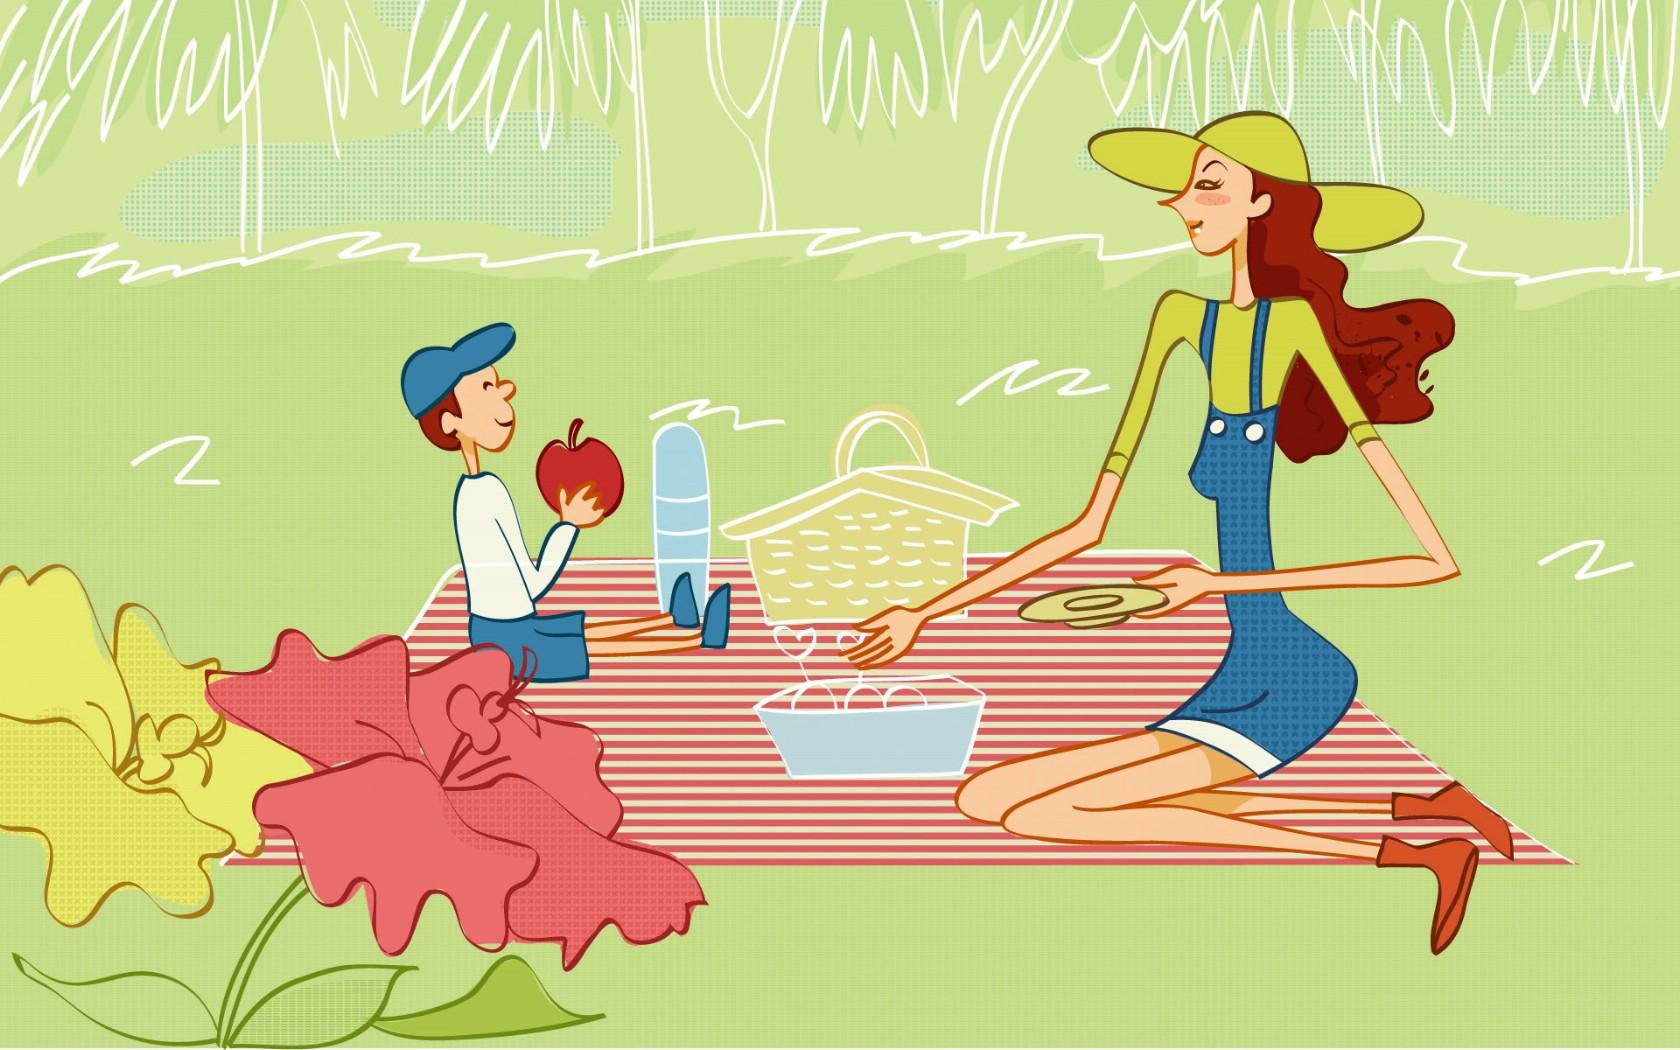 壁纸1680×1050矢量时尚女孩 12 14壁纸 矢量时尚女孩壁纸图片矢量壁纸矢量图片素材桌面壁纸